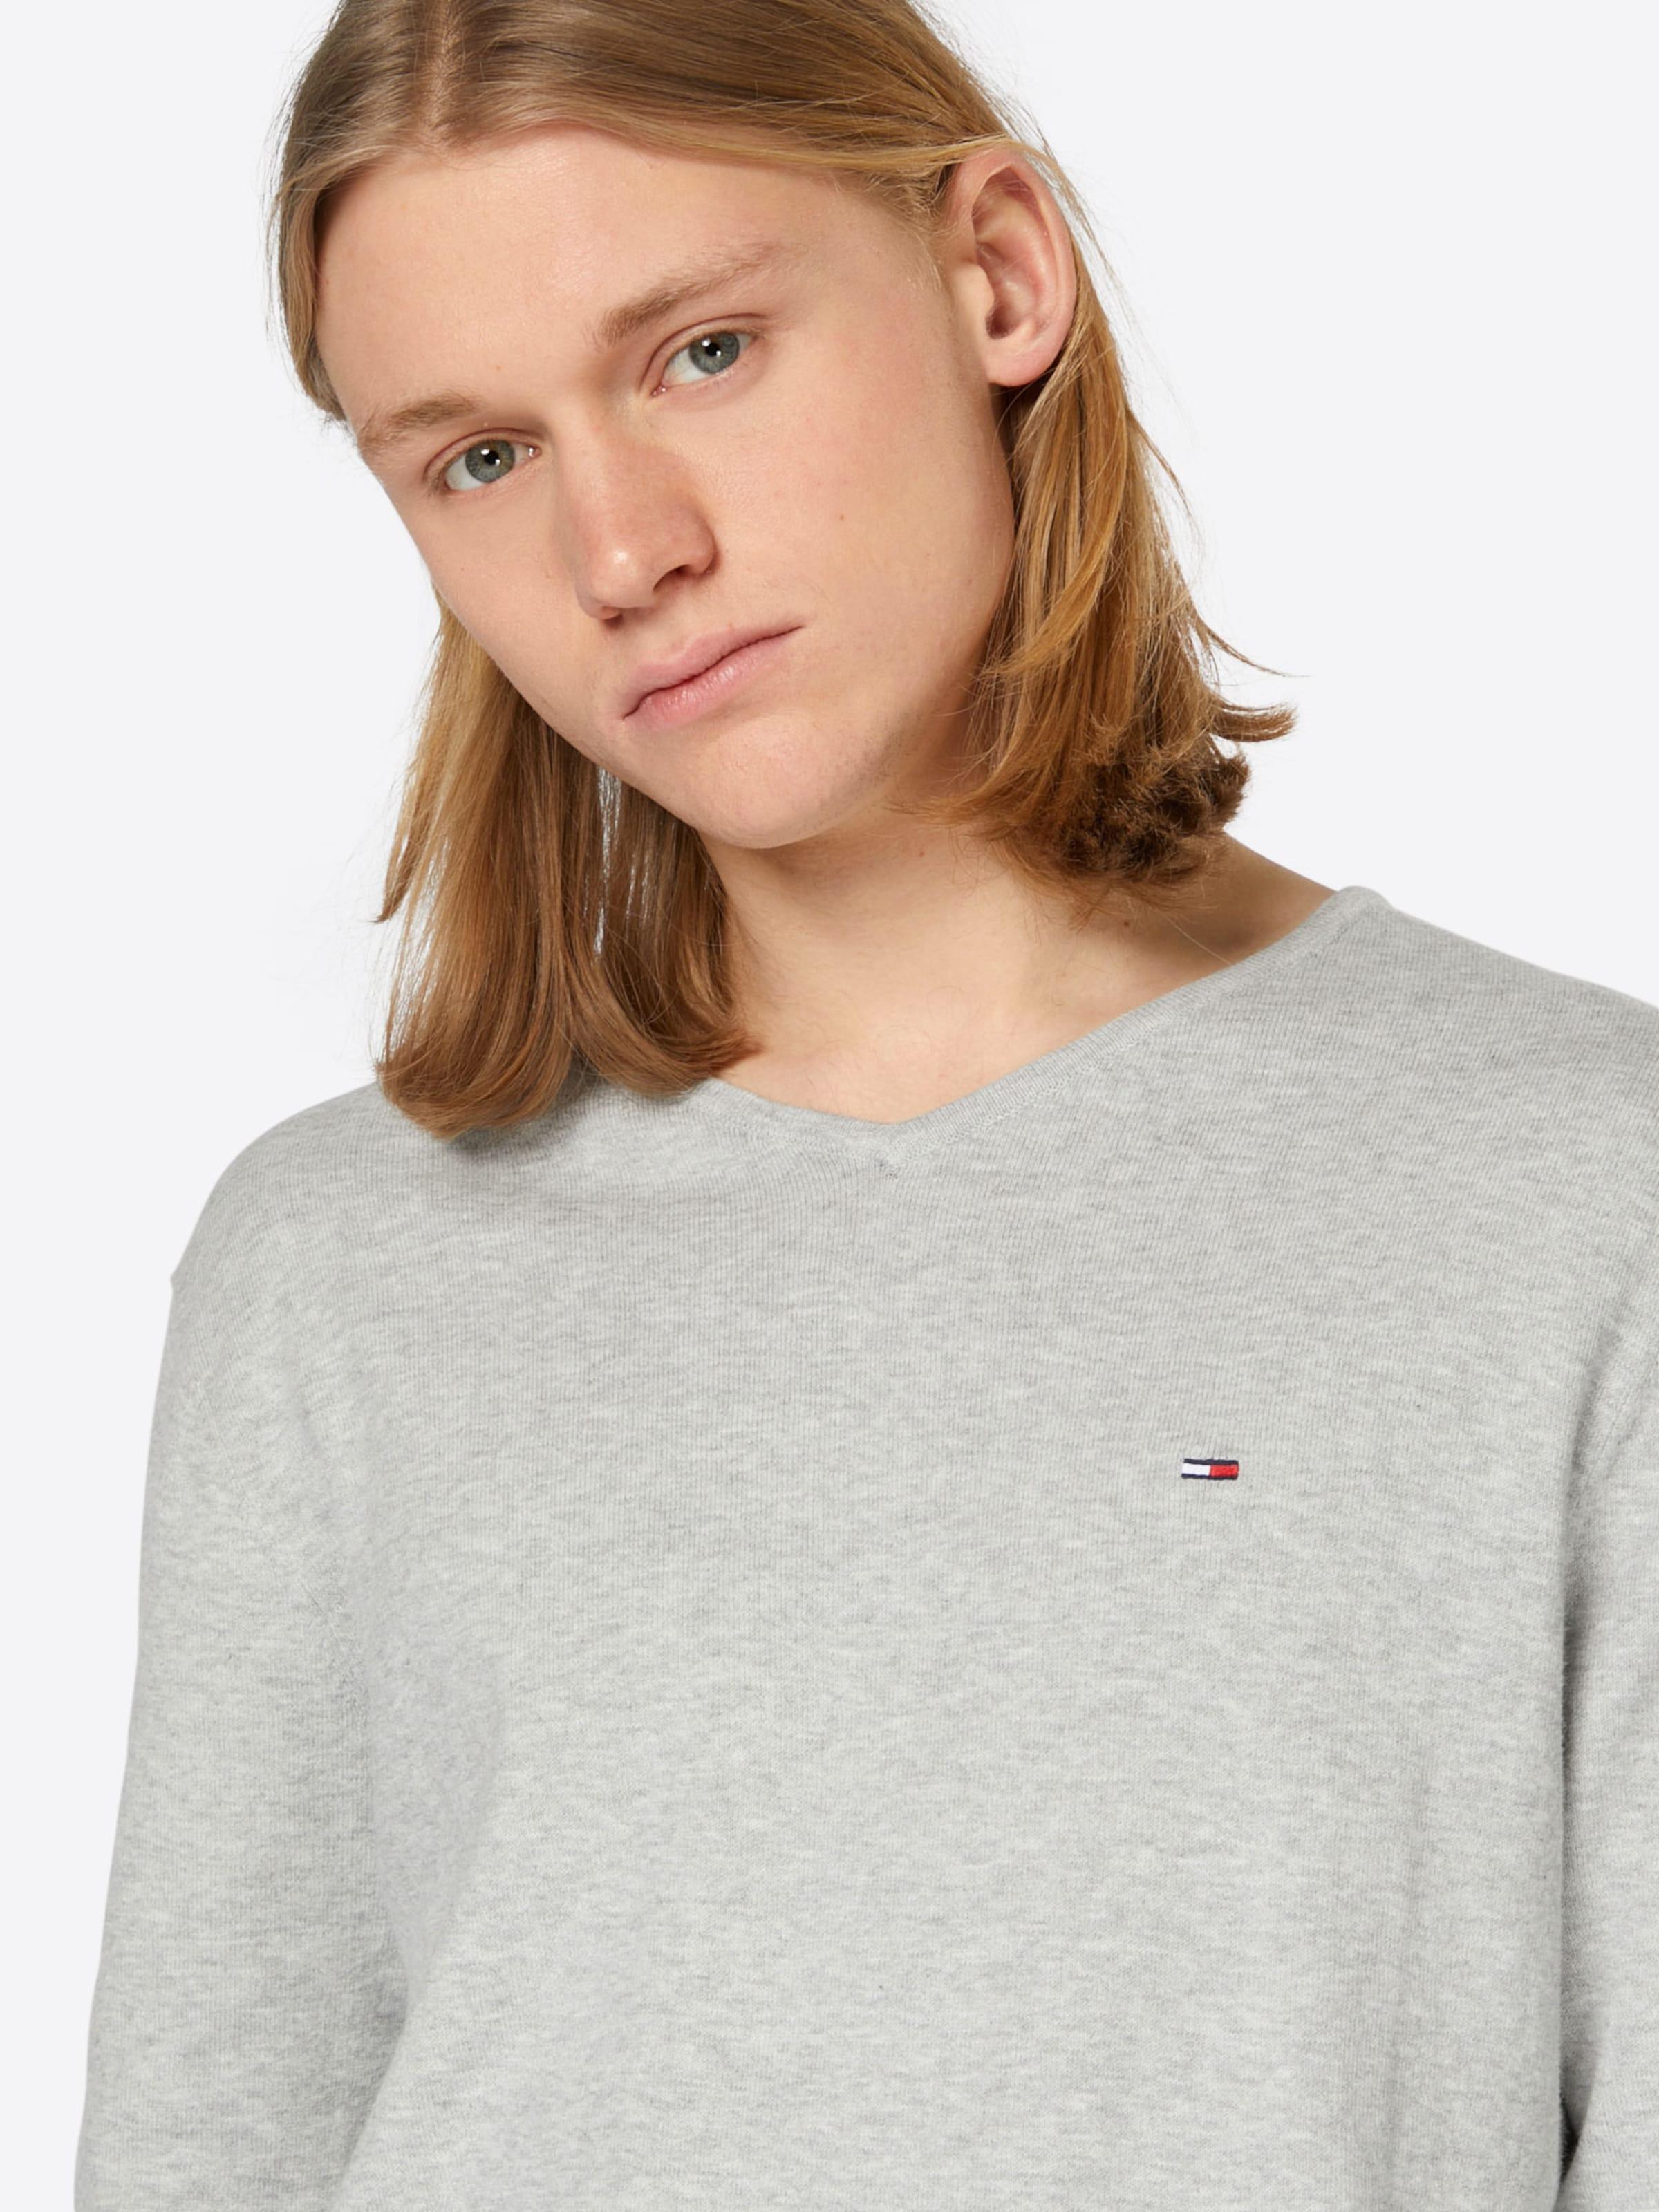 2018 Neueste Rabatt Manchester Großer Verkauf Tommy Jeans Pullover 'JM' Heißen Verkauf Online-Verkauf Besuchen Sie Günstig Online Spielraum Großhandelspreis RzhGgEnqLV